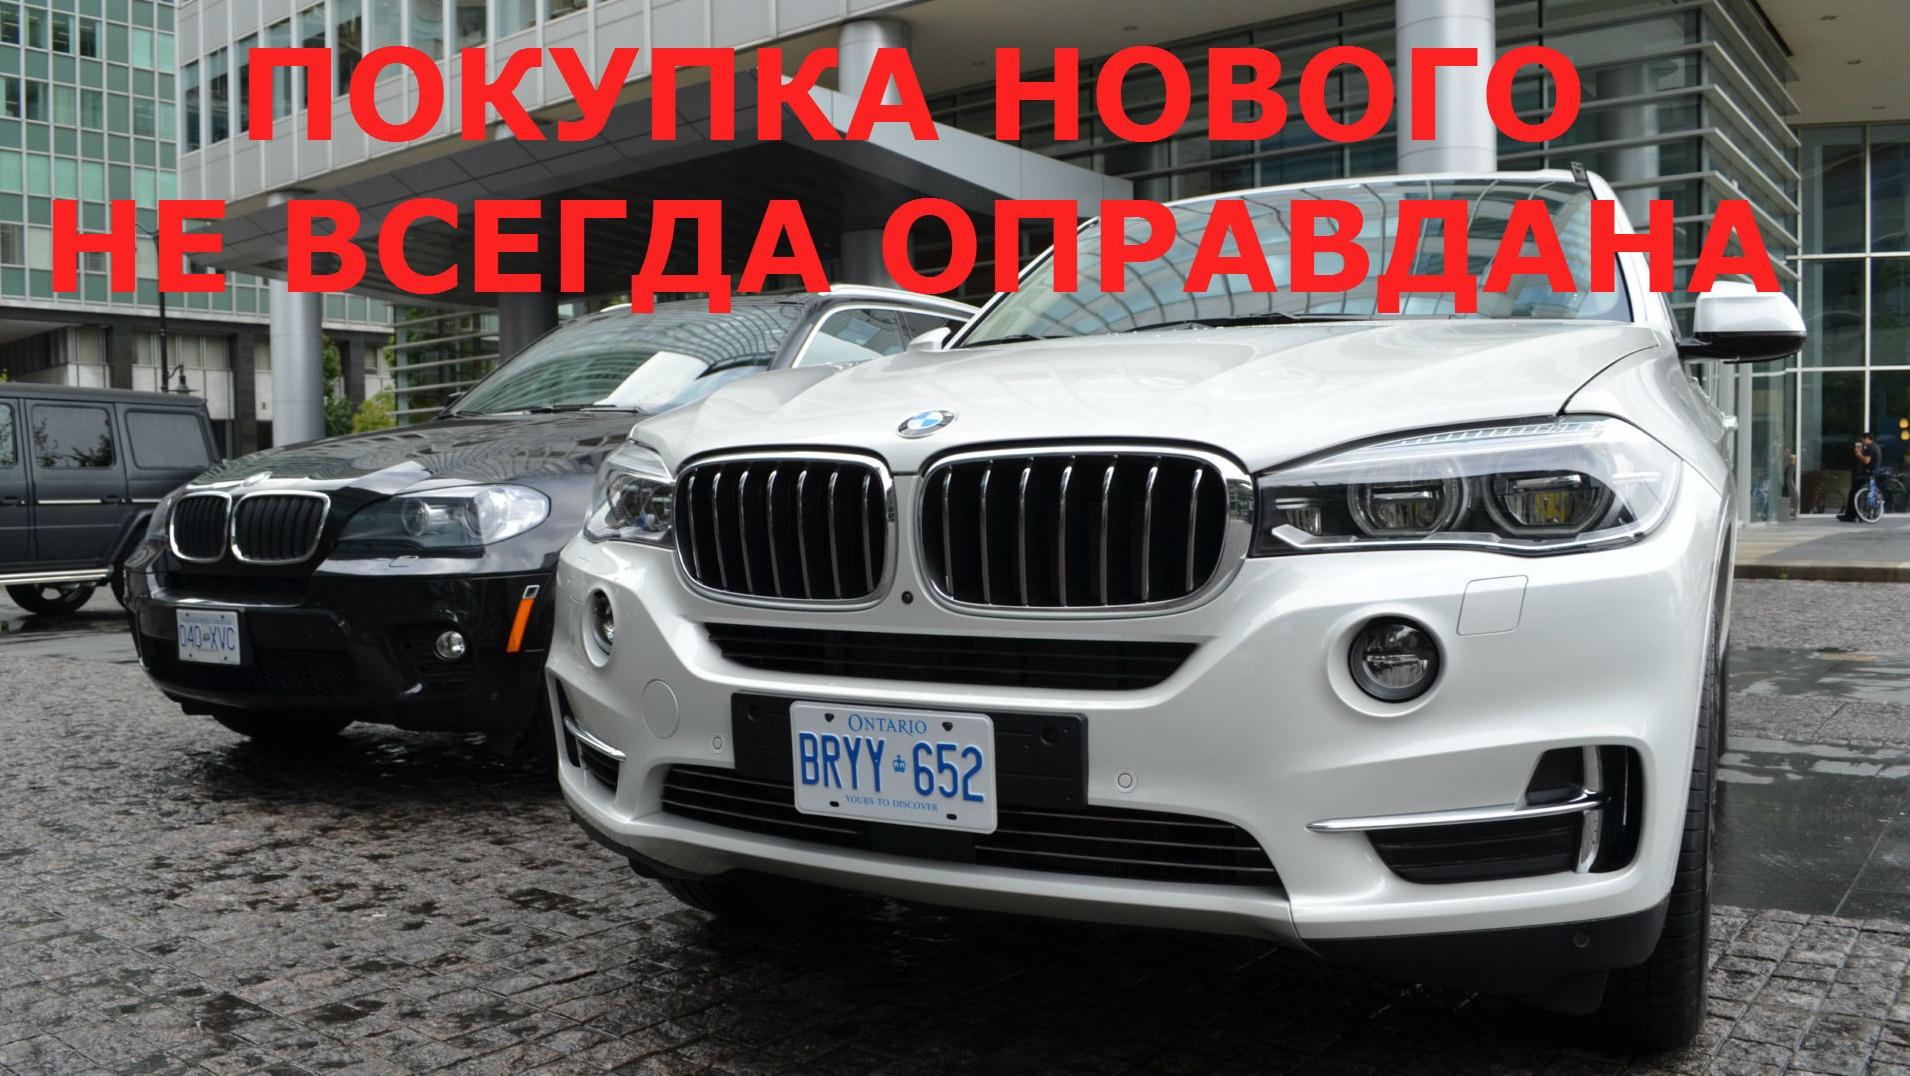 Стоит покупать новую машину в кредит